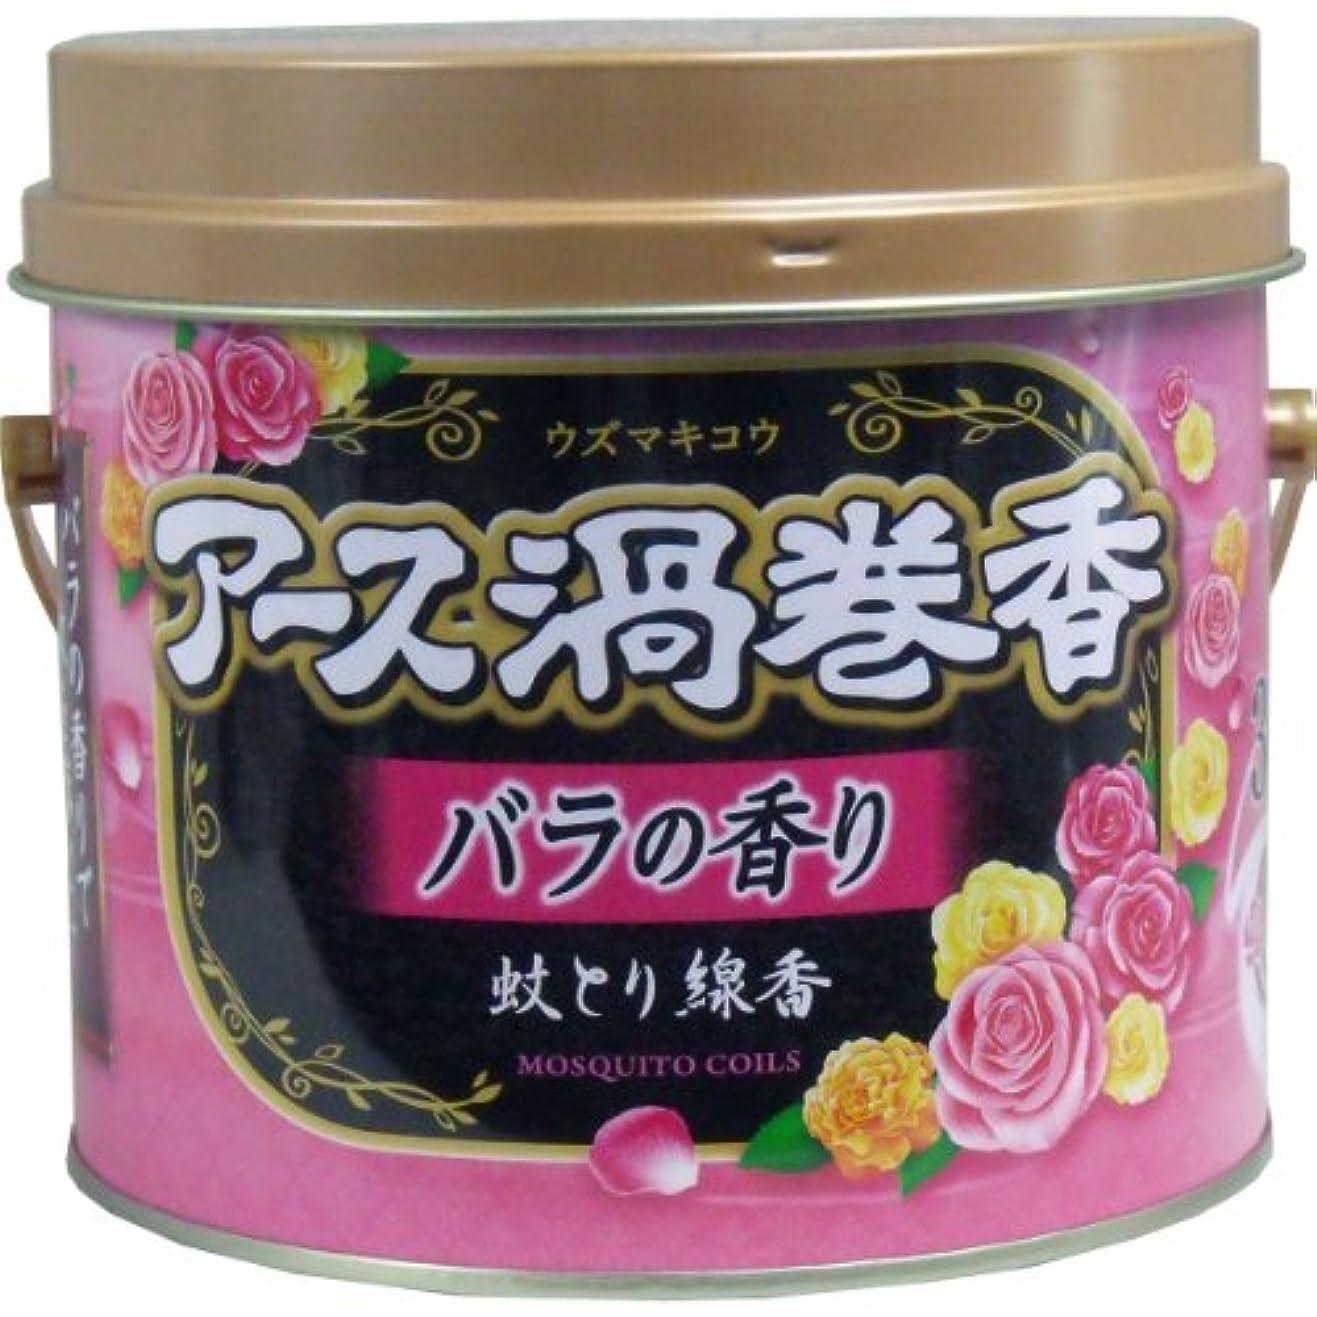 札入れ整理する目の前のアース渦巻香 蚊とり線香 バラの香り 30巻 4個セット